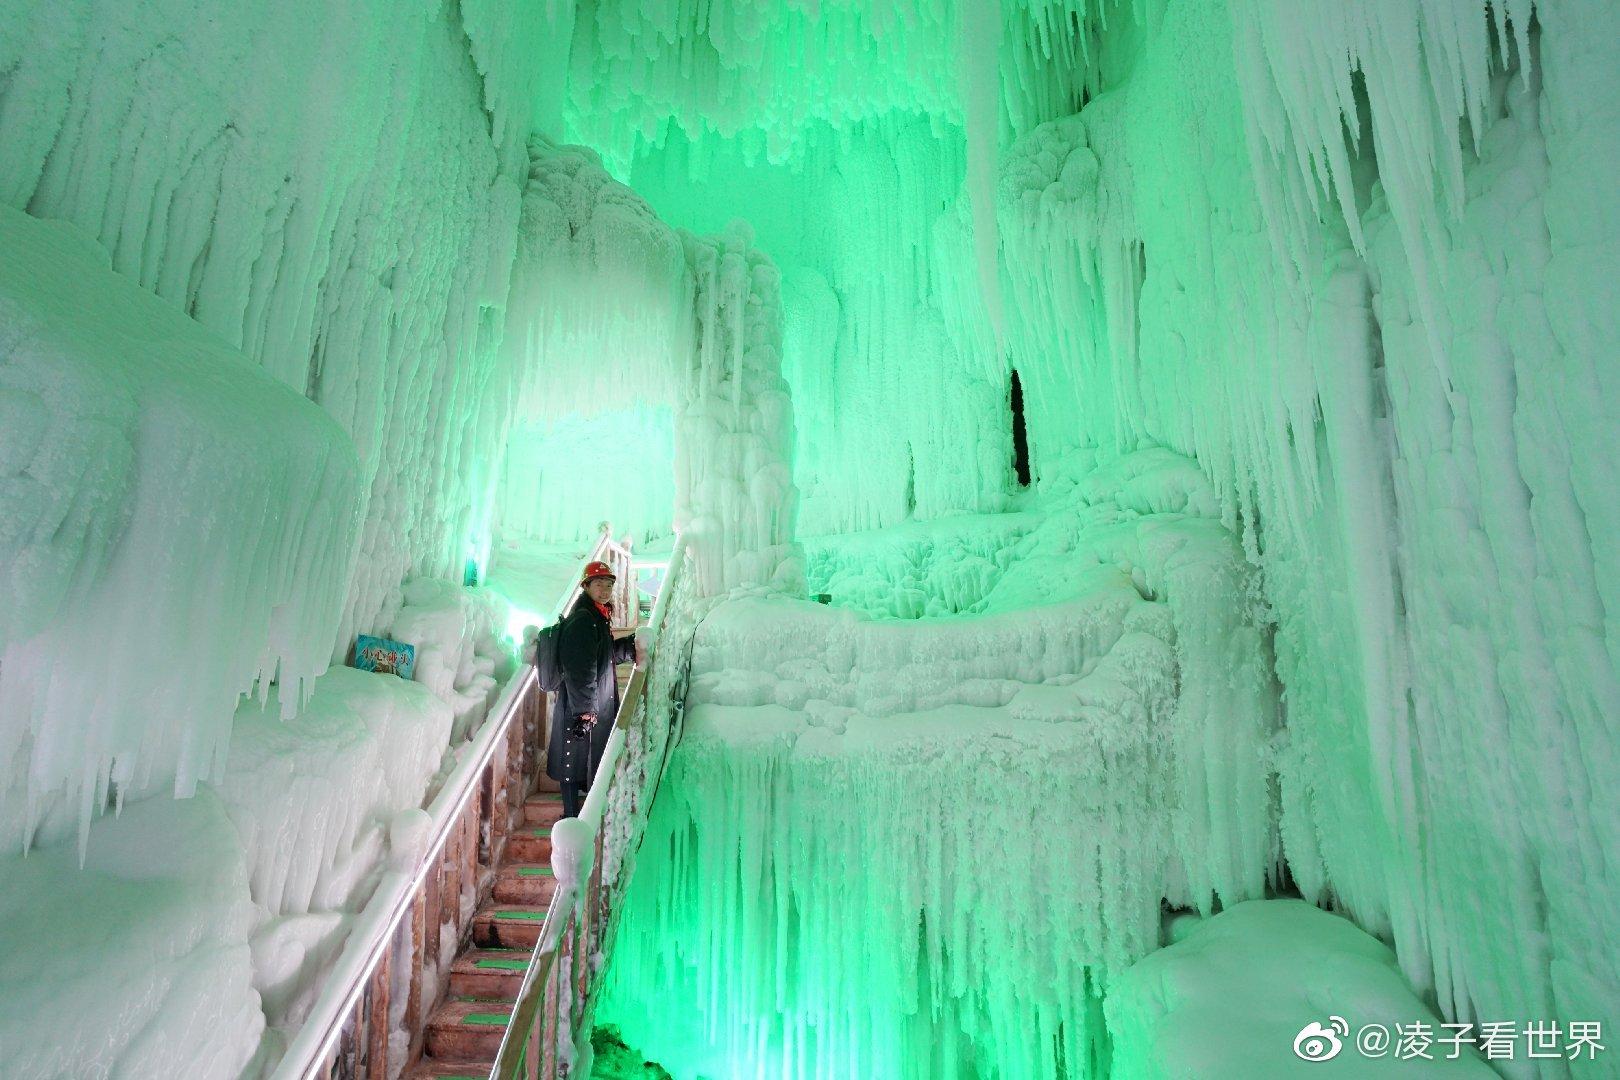 云丘山冰洞群犹如一座水晶宫深藏于云丘山深处,偶然的一次